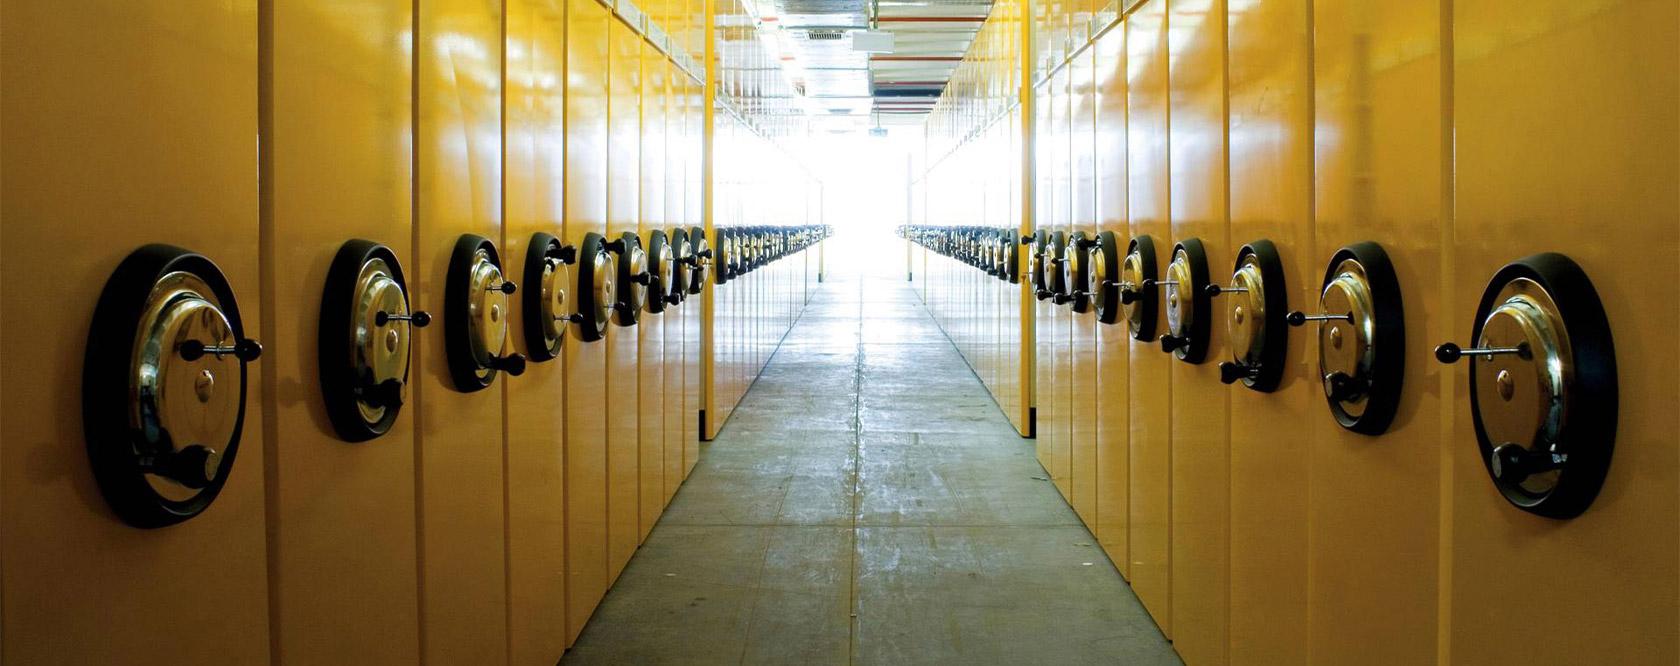 Ceylan-Çelik-Arşiv-Sistemleri